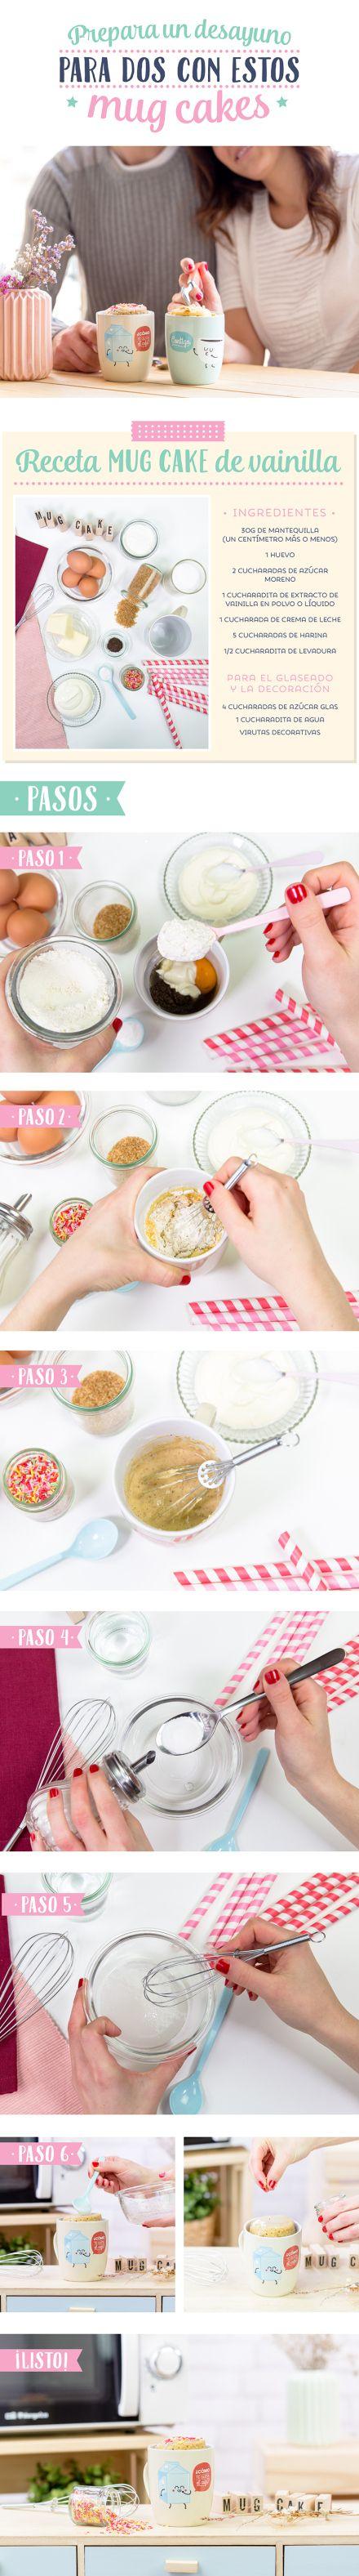 Web #recipes #recetas #mucake #comomolamimugcake #cakes #sweets #mrwonderfulshop